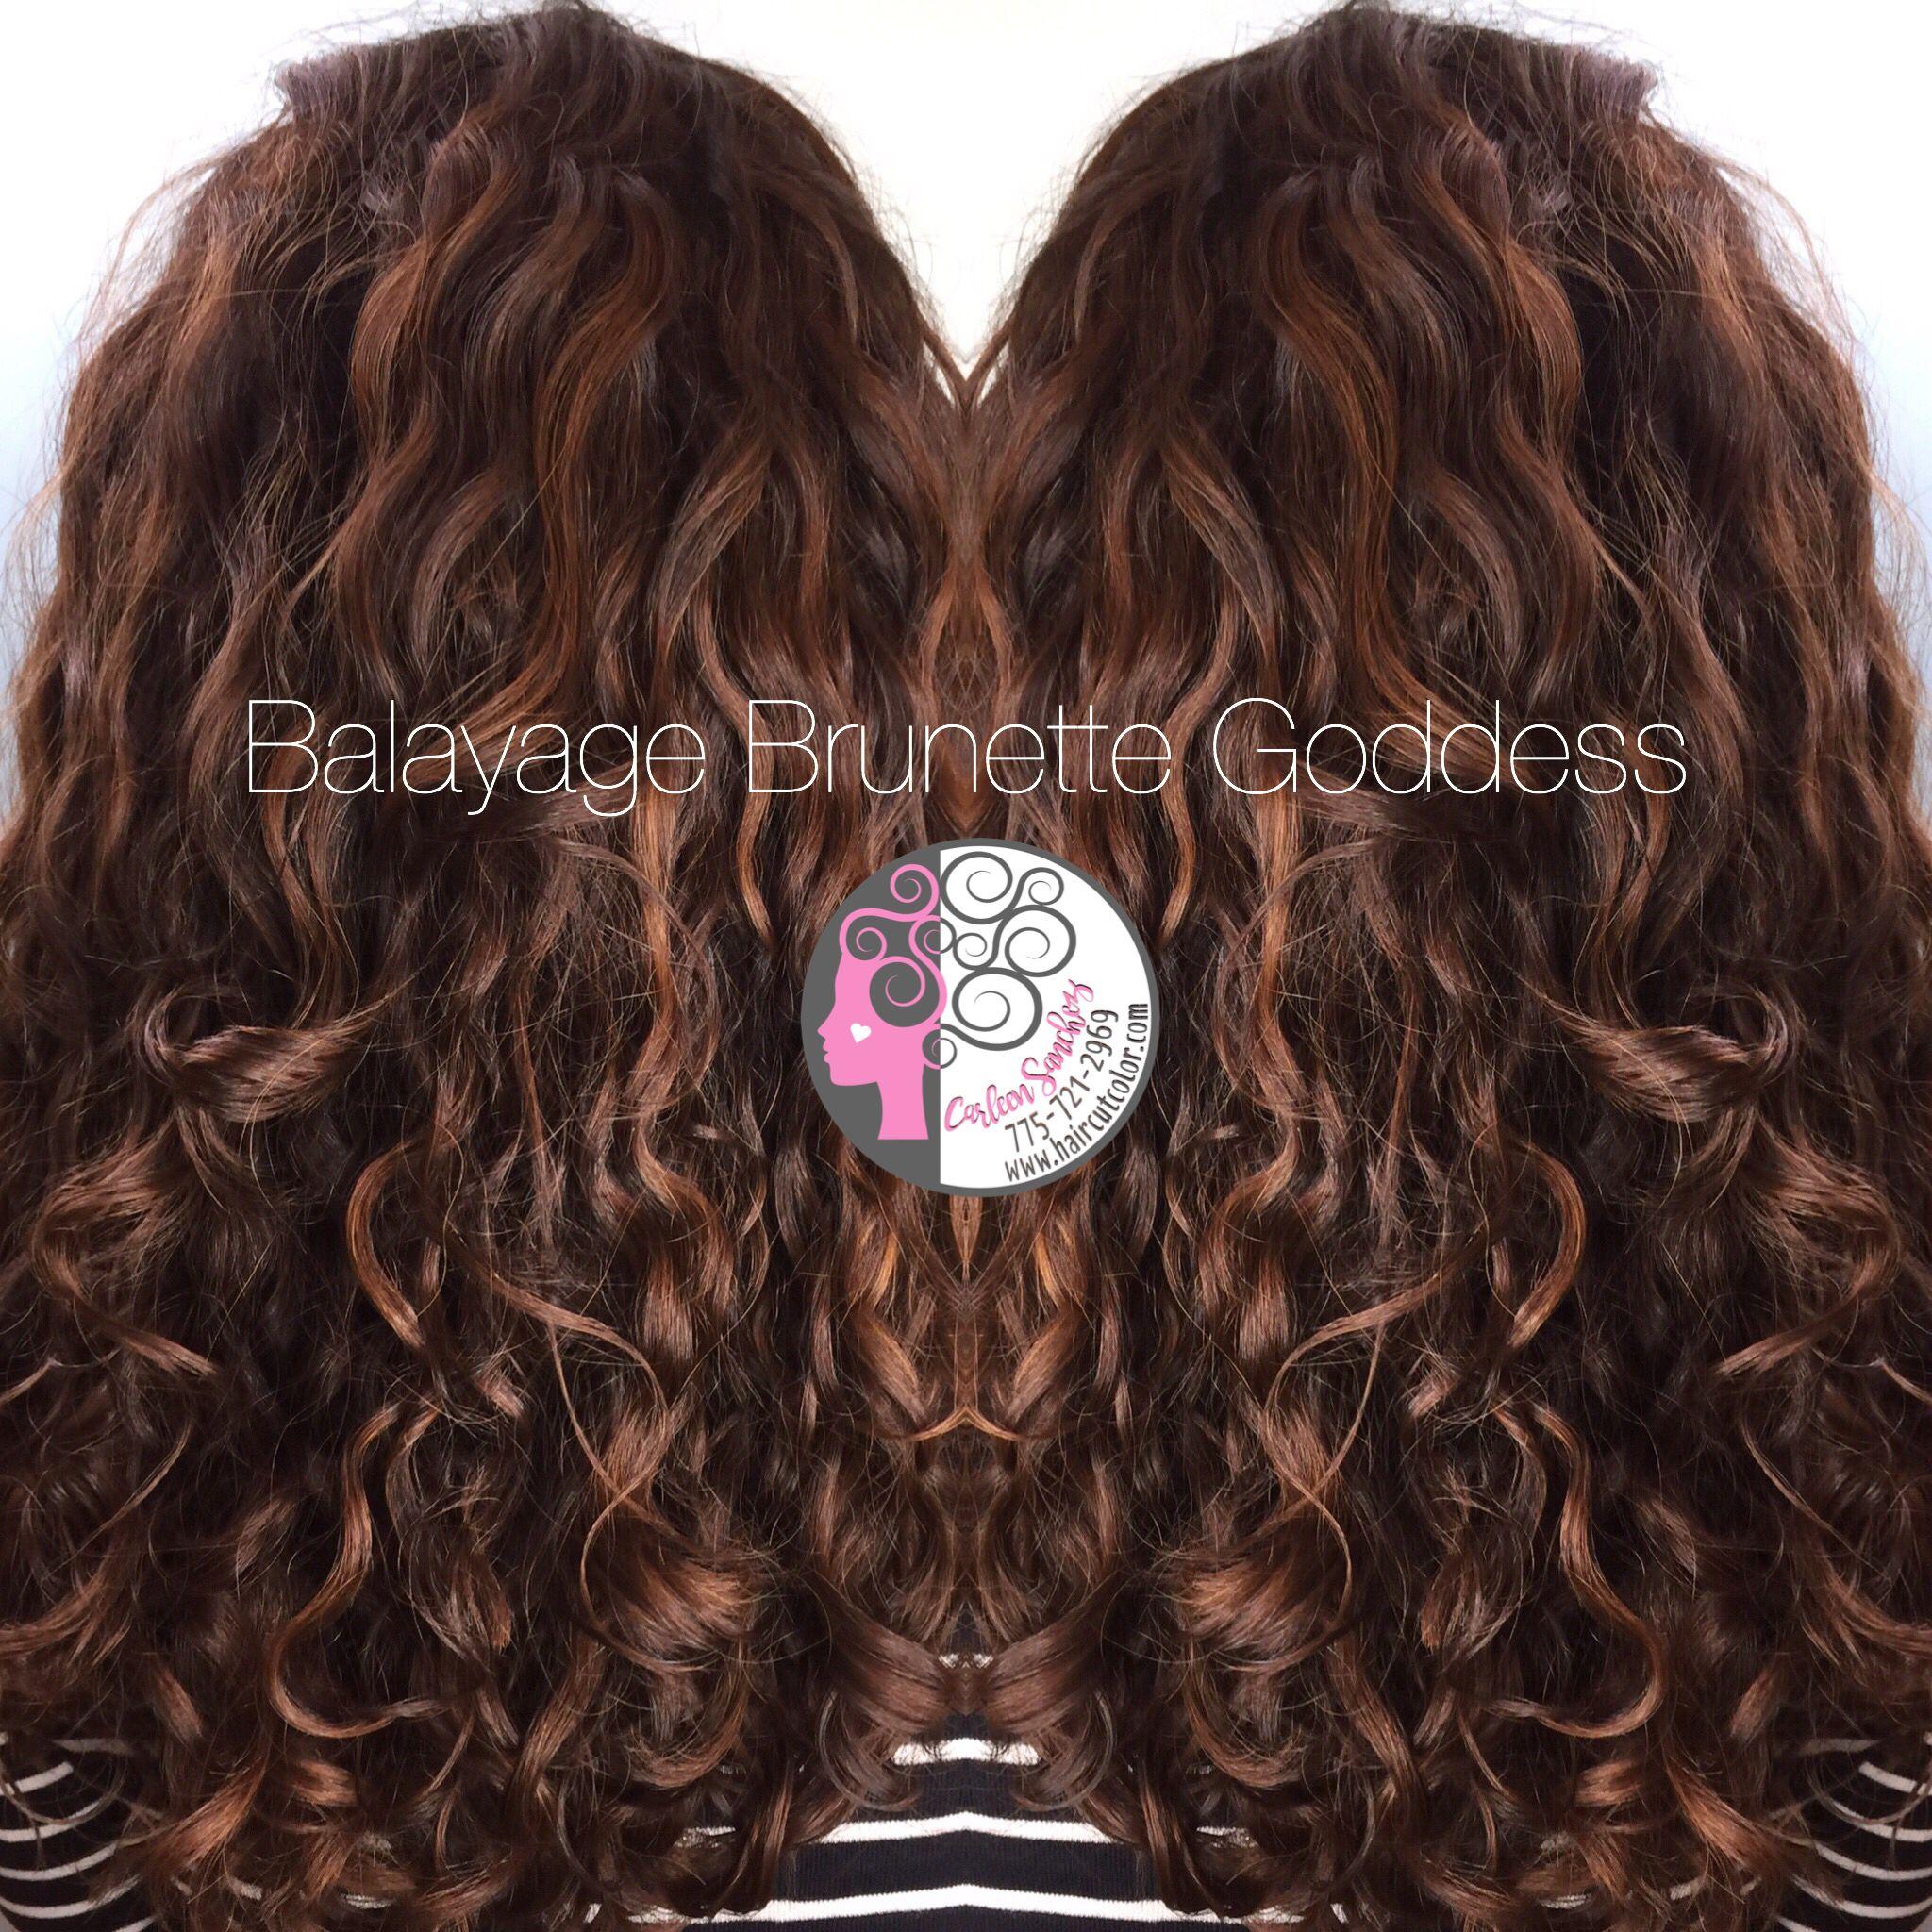 Balayage Pintura on naturally curly hair by Carleen Sanchez